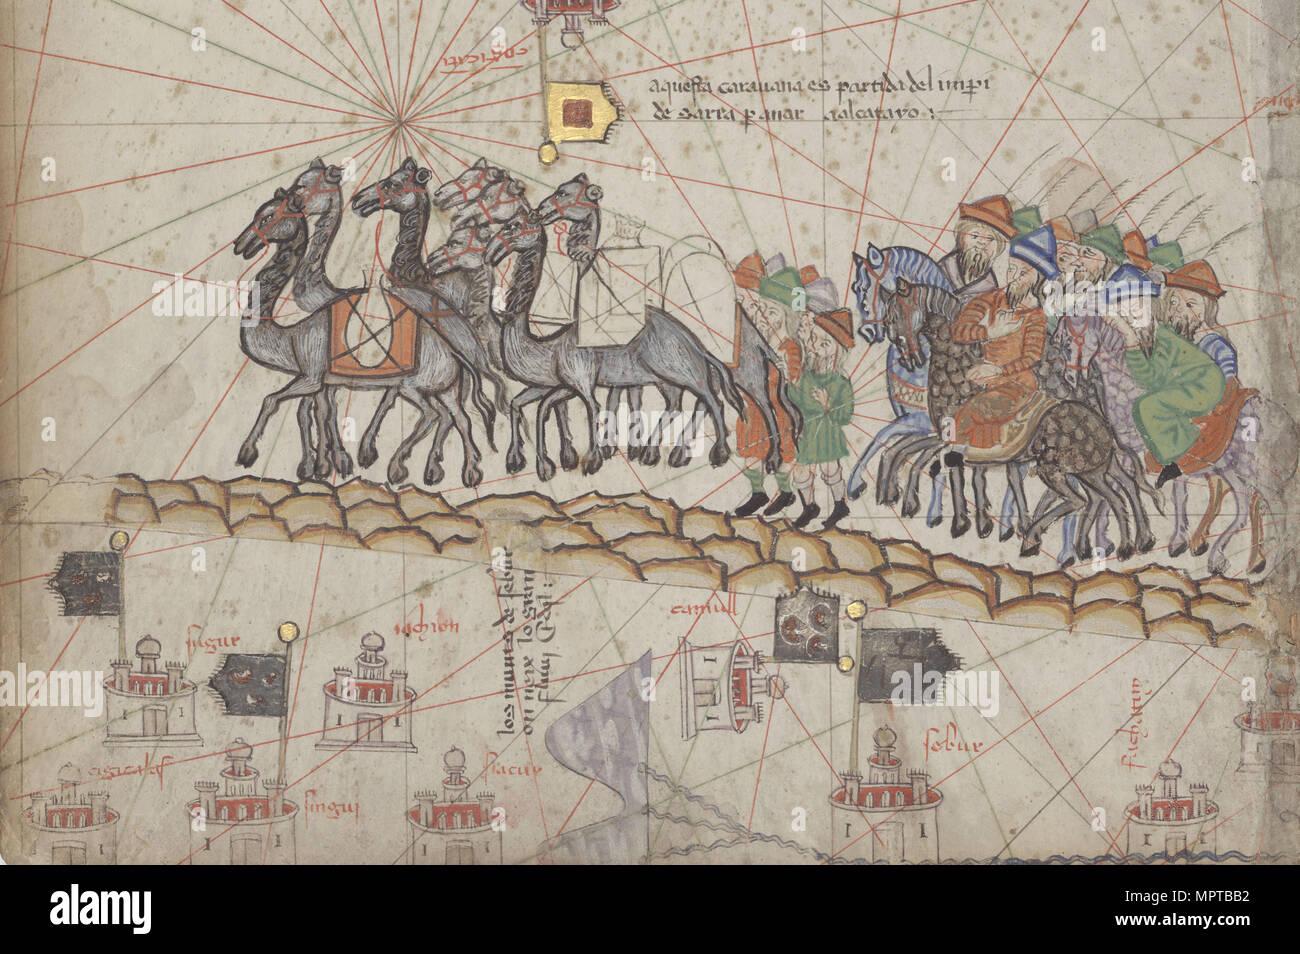 Wohnwagen auf der Seidenstraße. Aus dem Katalanischen Atlas Detail. Stockfoto